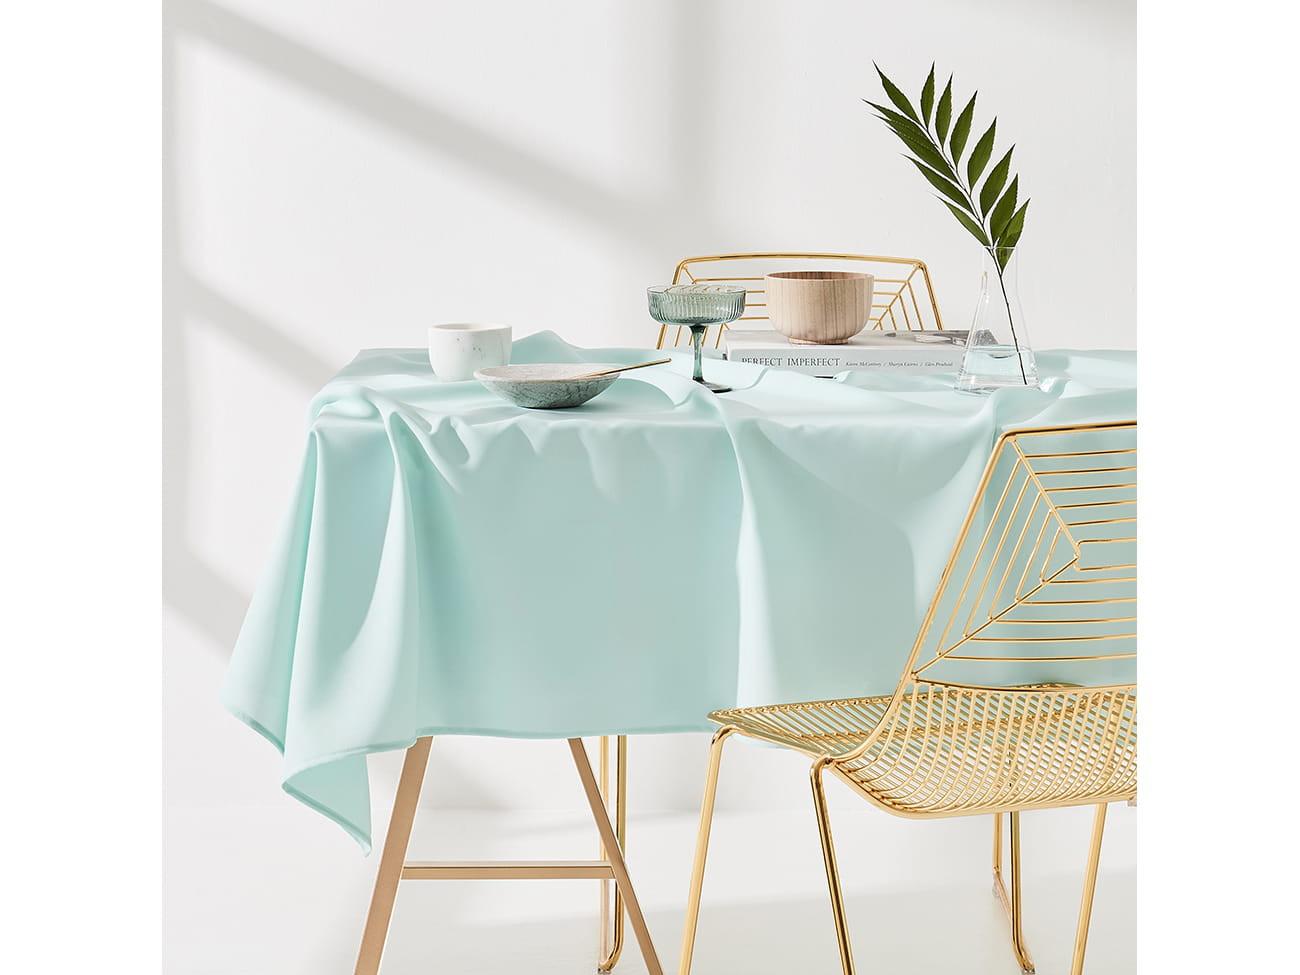 Ubrus na stůl v mentolové barvě bez postisku 130 x 180 cm